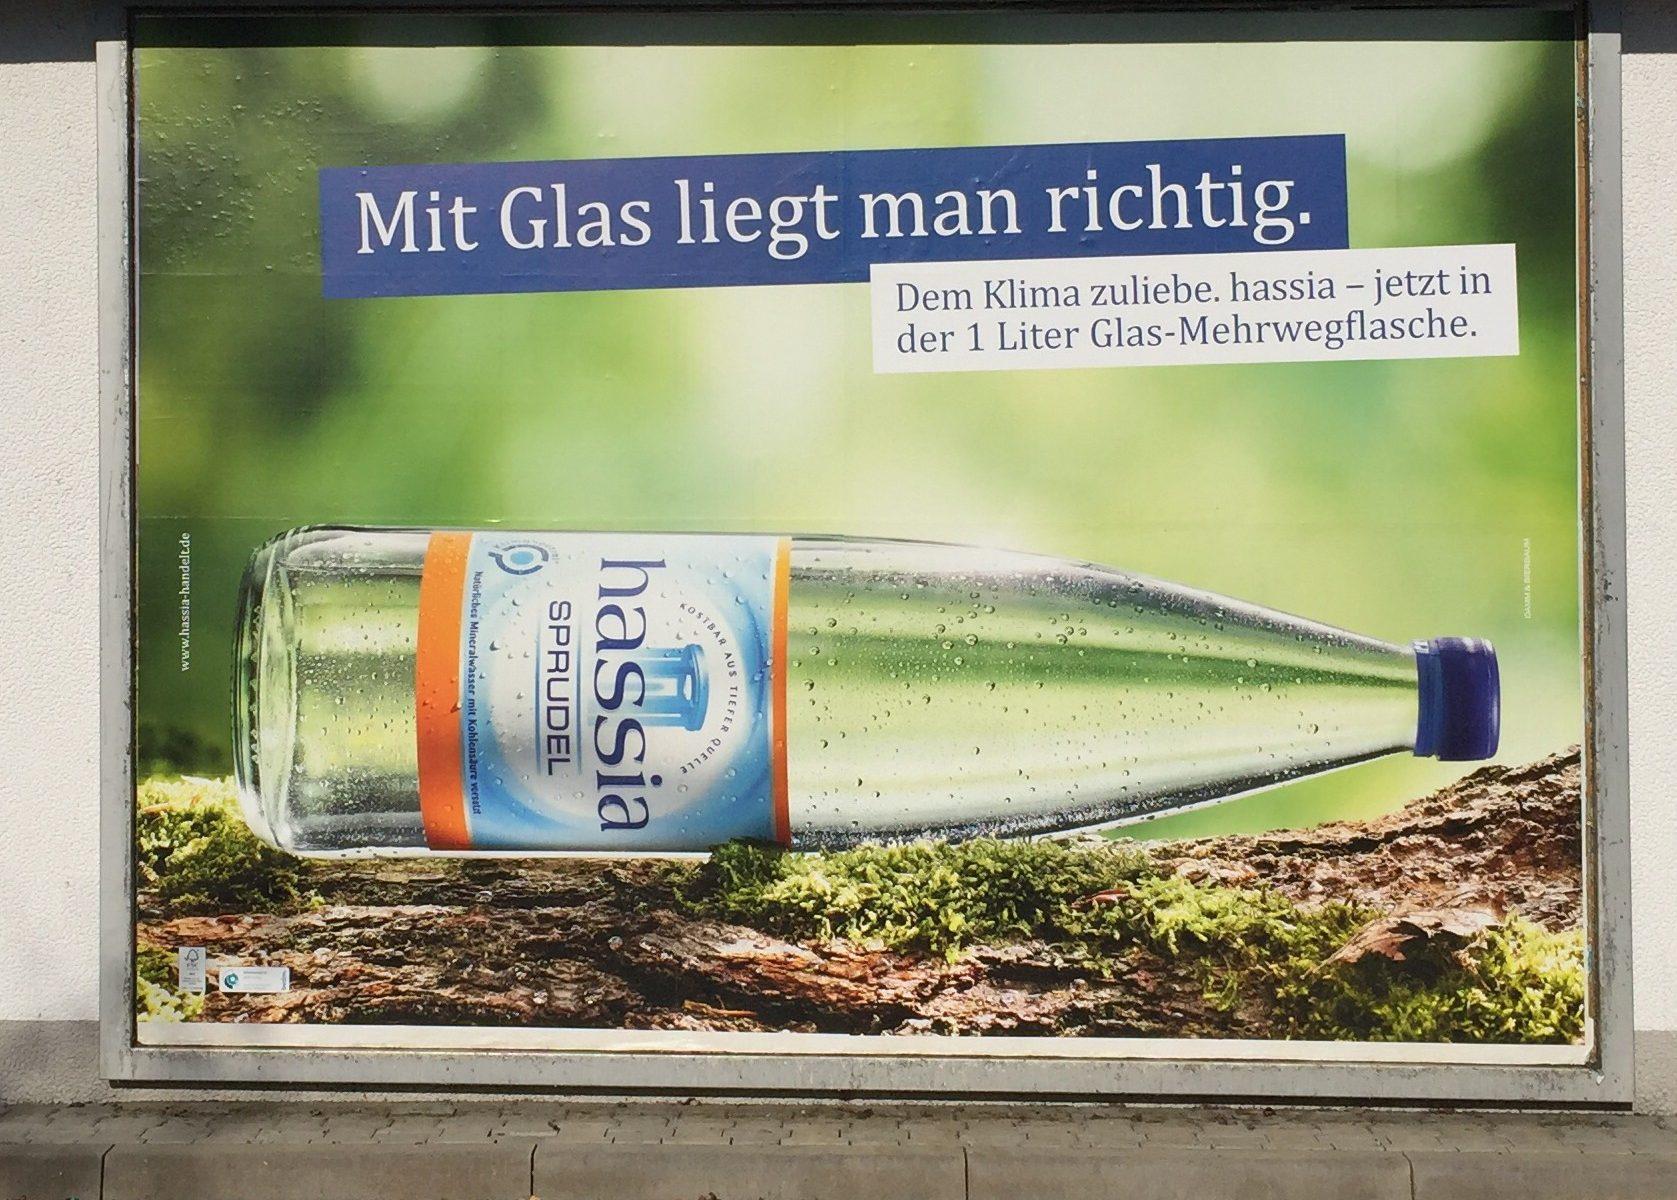 Werbung für Mehrwegflasche aus Glas von Hassia